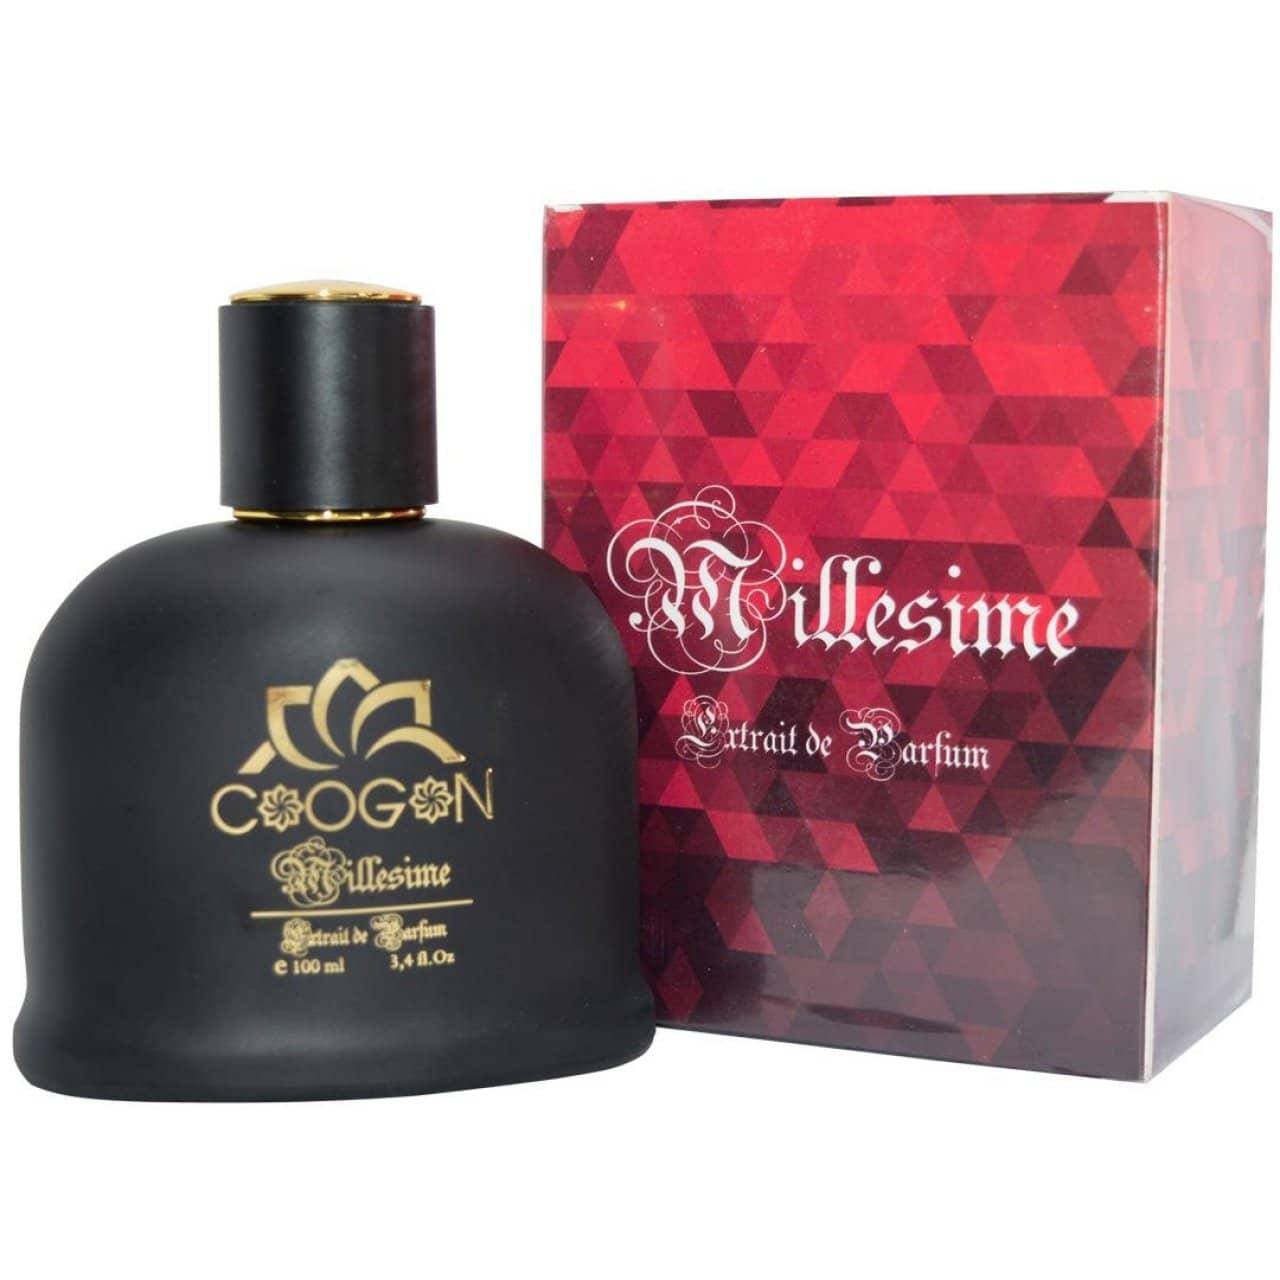 Parfum homme réf 018-100ml